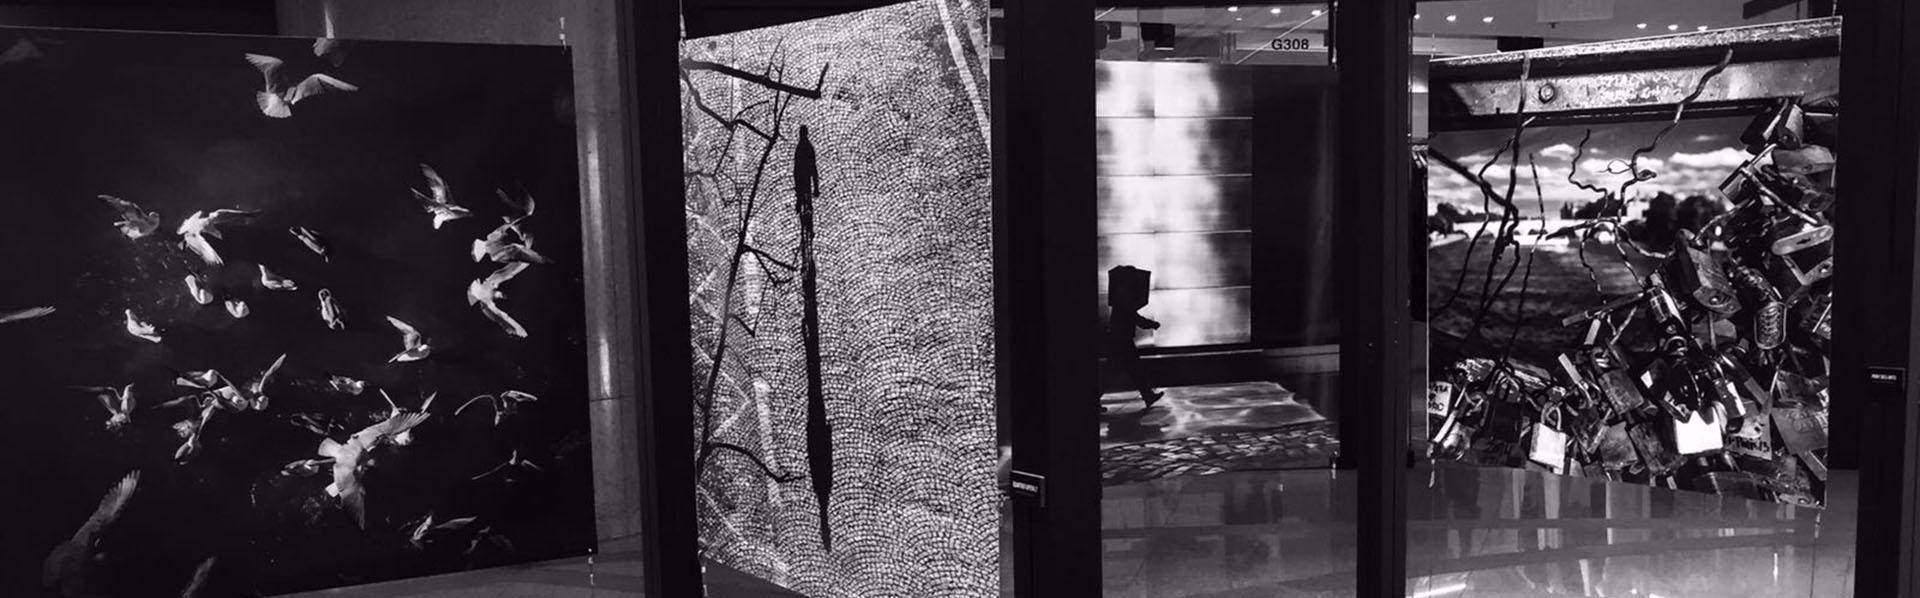 exposition photo noir et blanc